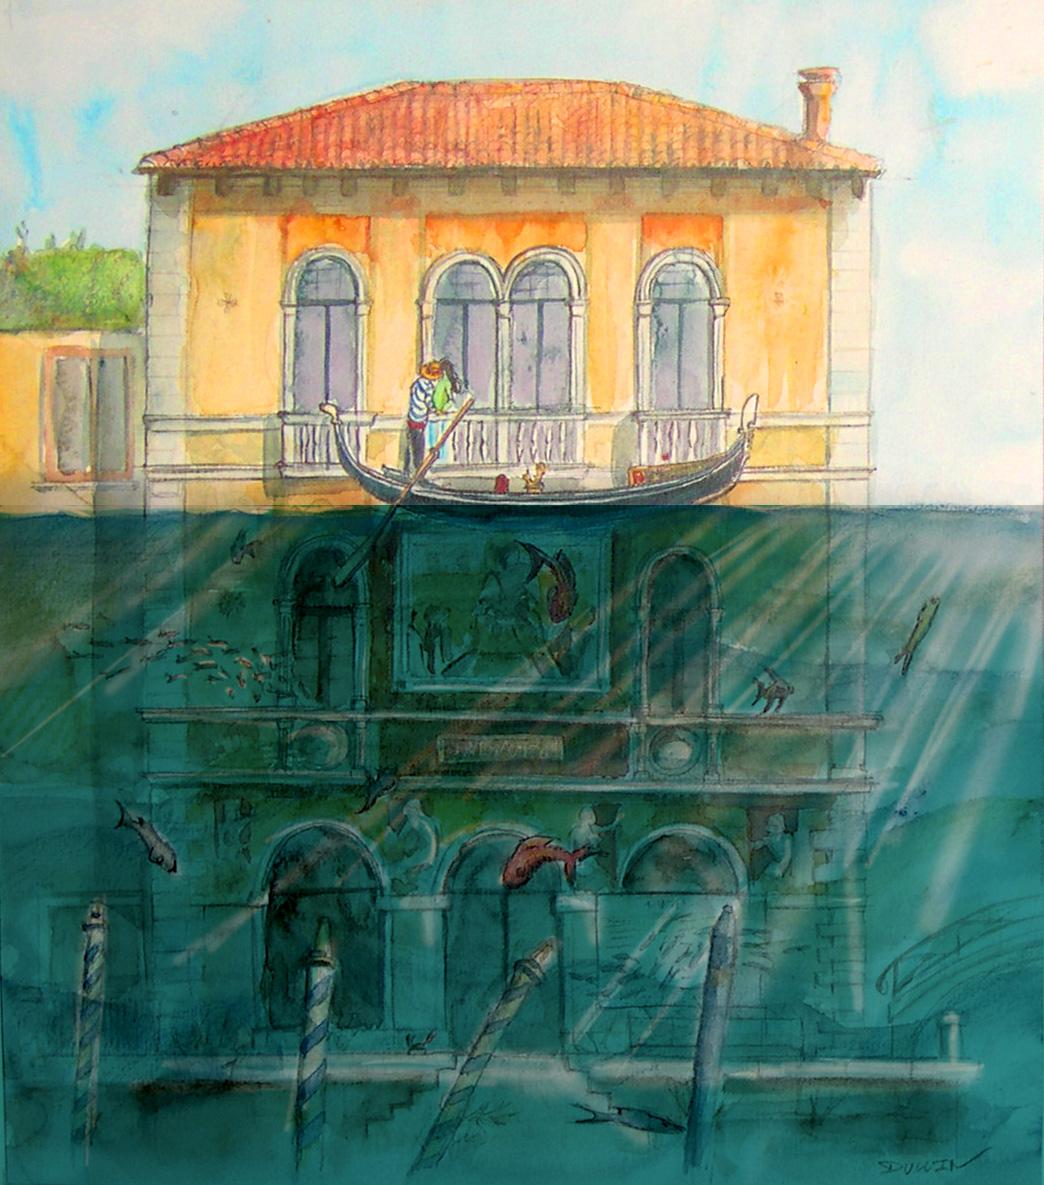 La montée des eaux (crayon, aquarelle)